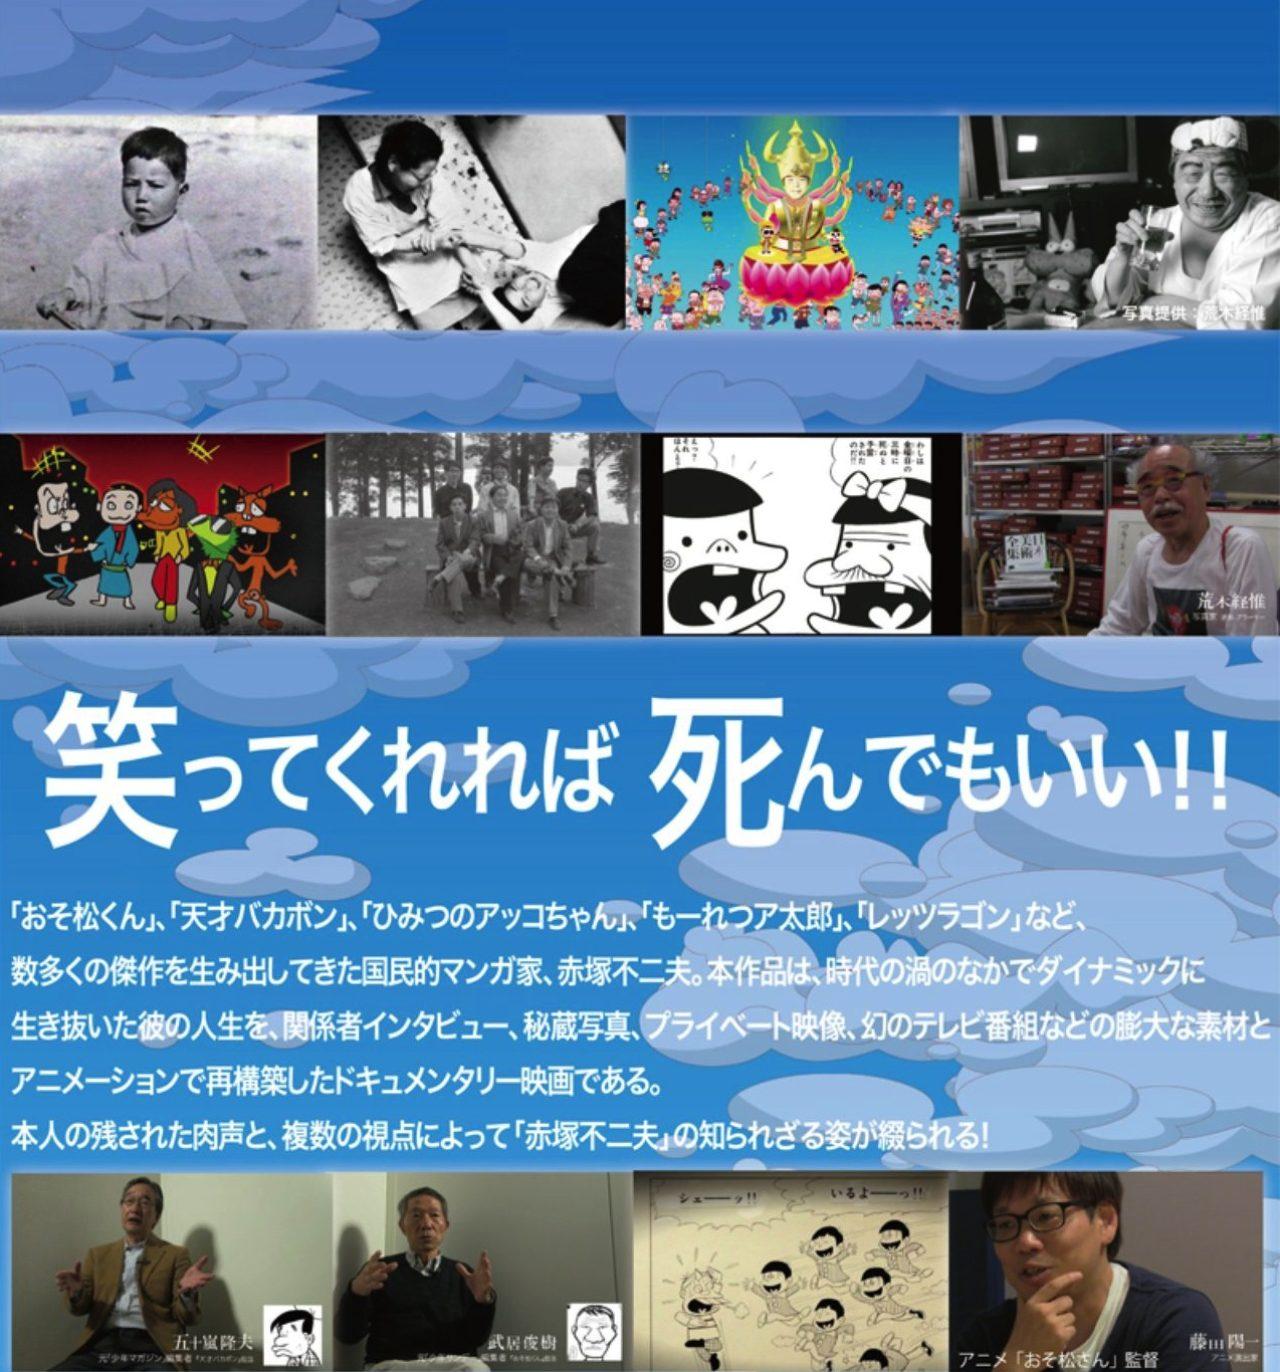 画像2: http://hamidashi-fujio.com/